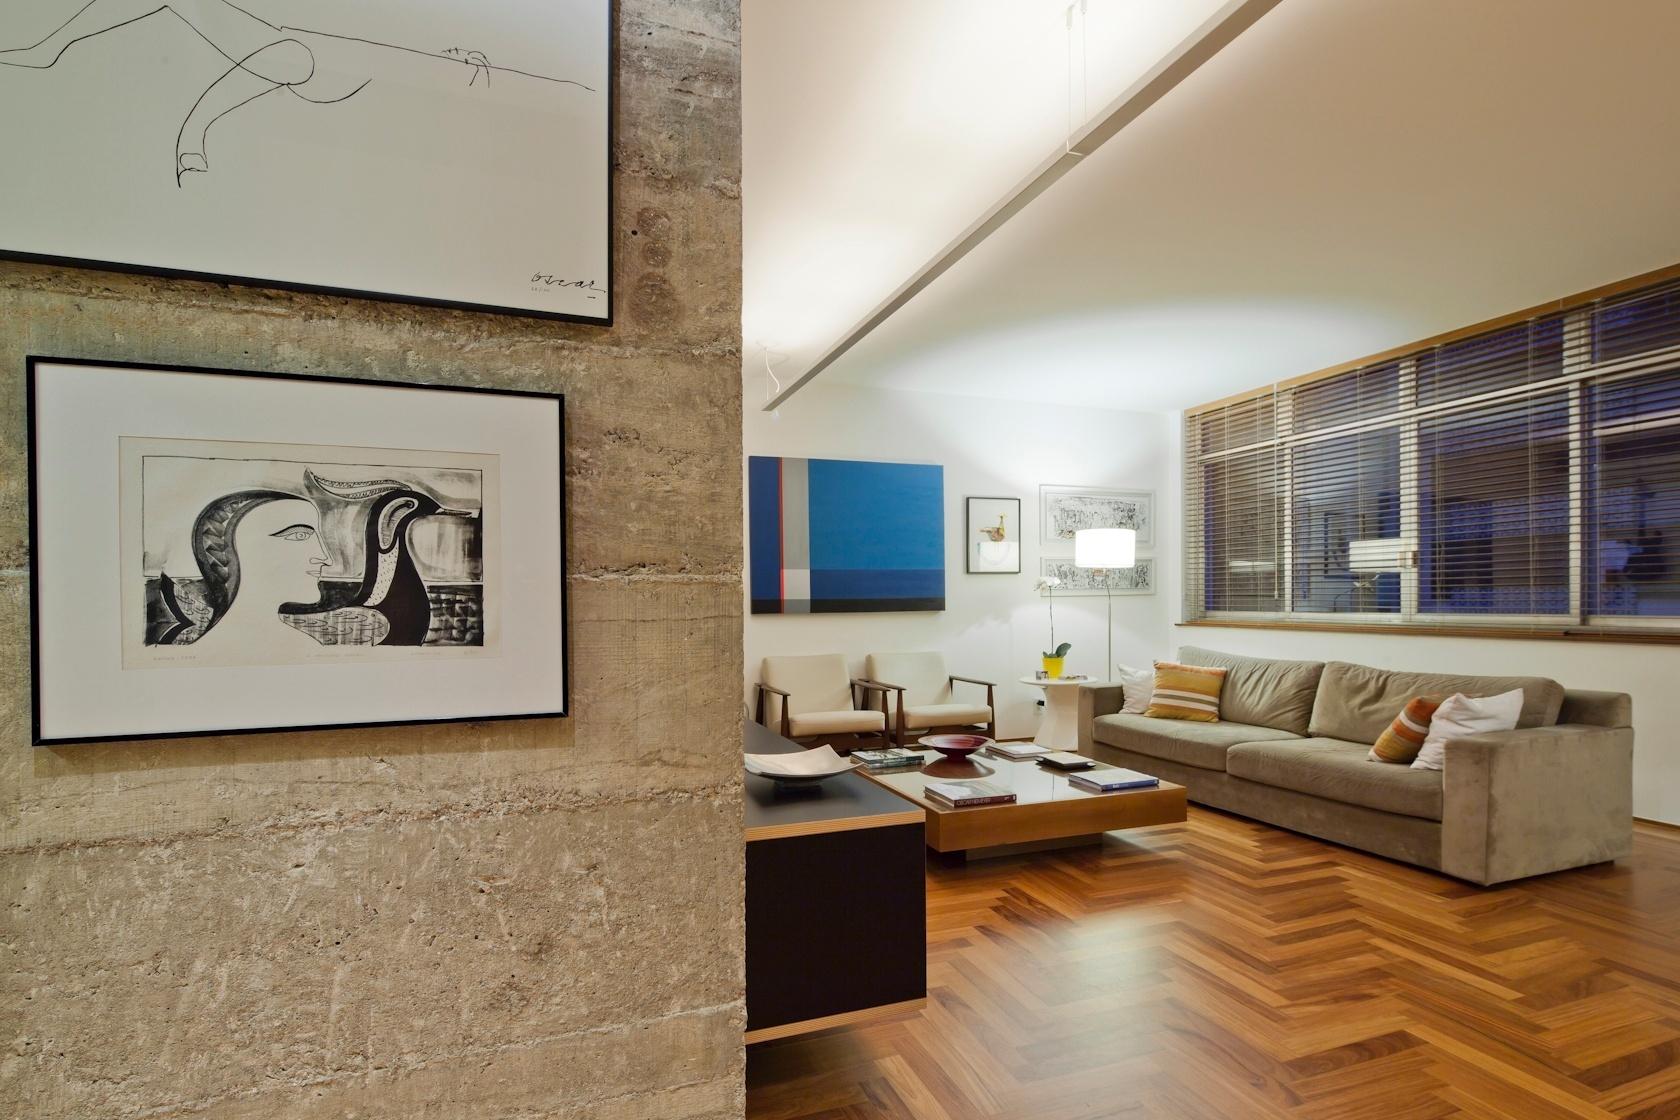 O pilar de concreto descascado ficou aparente e antecede as salas de estar e jantar do apartamento com 160 m², em São Paulo. Reformado pelo arquiteto Renato Dalla Marta, do escritório AUM, o projeto revestiu todo o piso com tacões de cumaru e pontuou a decoração com mobiliário desenvolvido no próprio escritório, como a mesa de centro